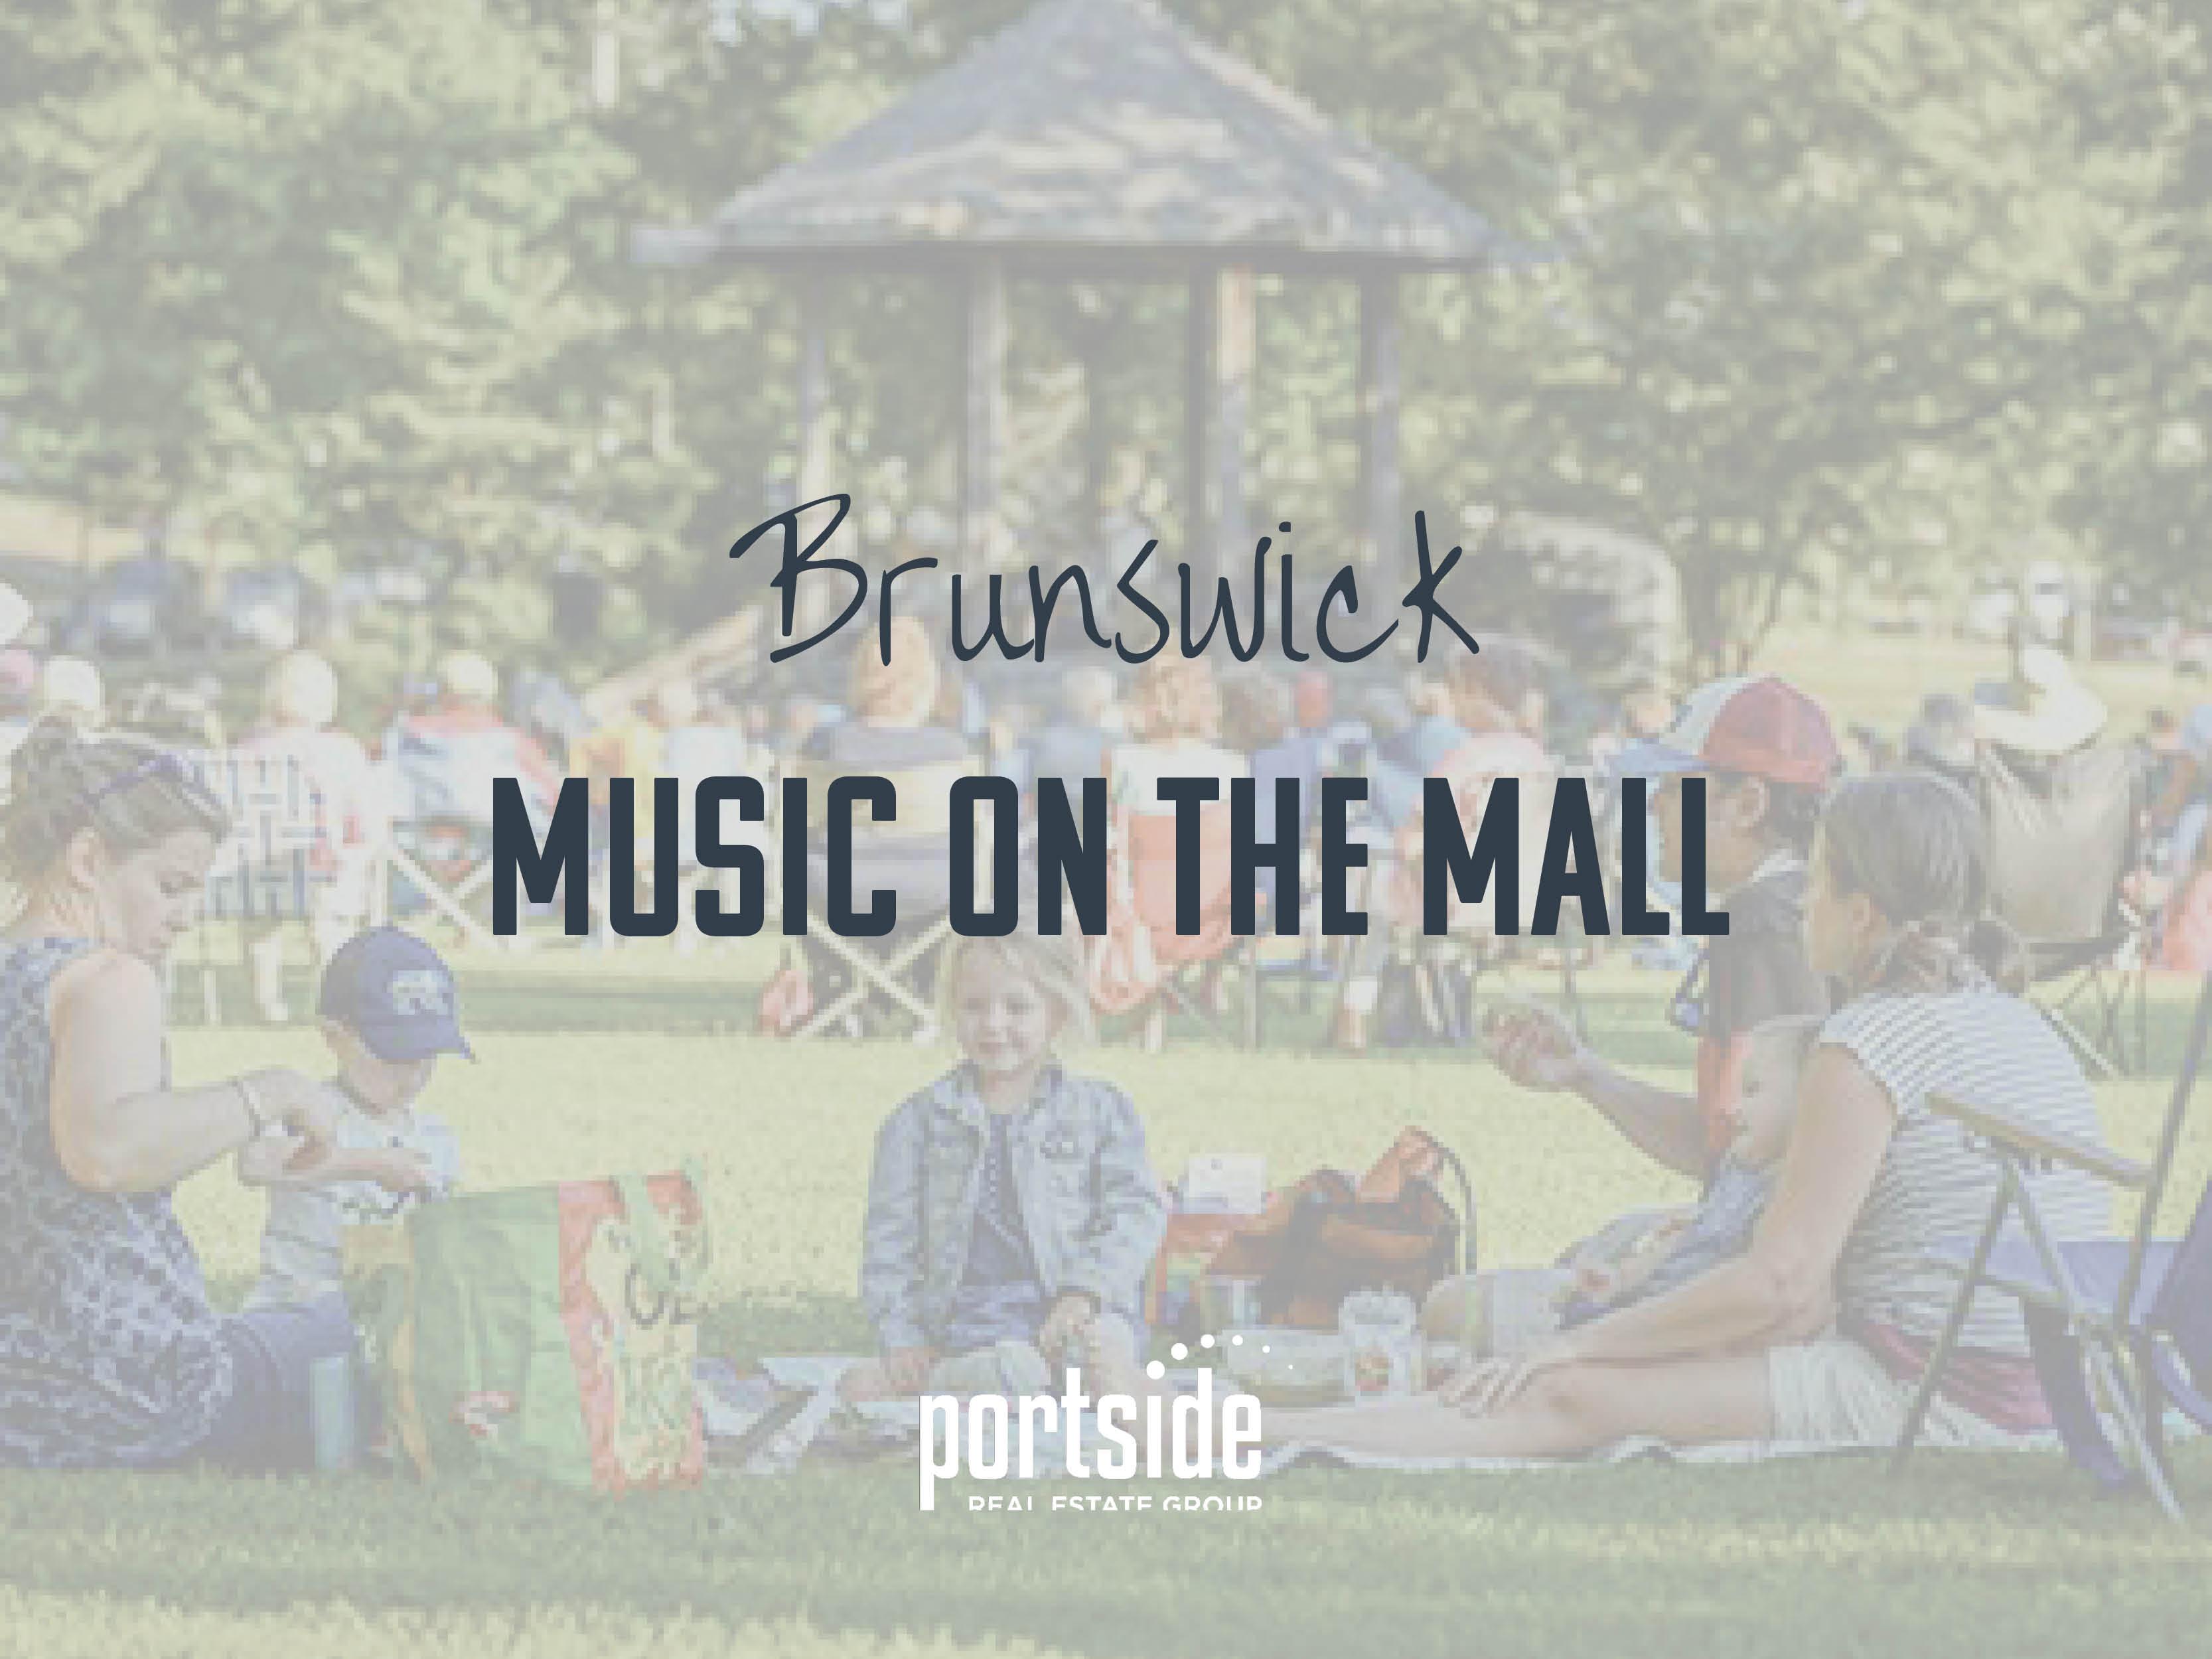 Brunswick music on the mall